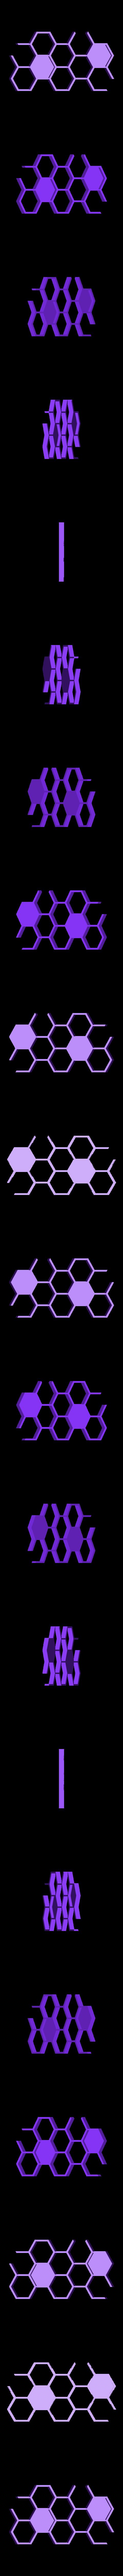 Honey_comb.stl Télécharger fichier STL gratuit Busy Bee • Objet à imprimer en 3D, WallTosh